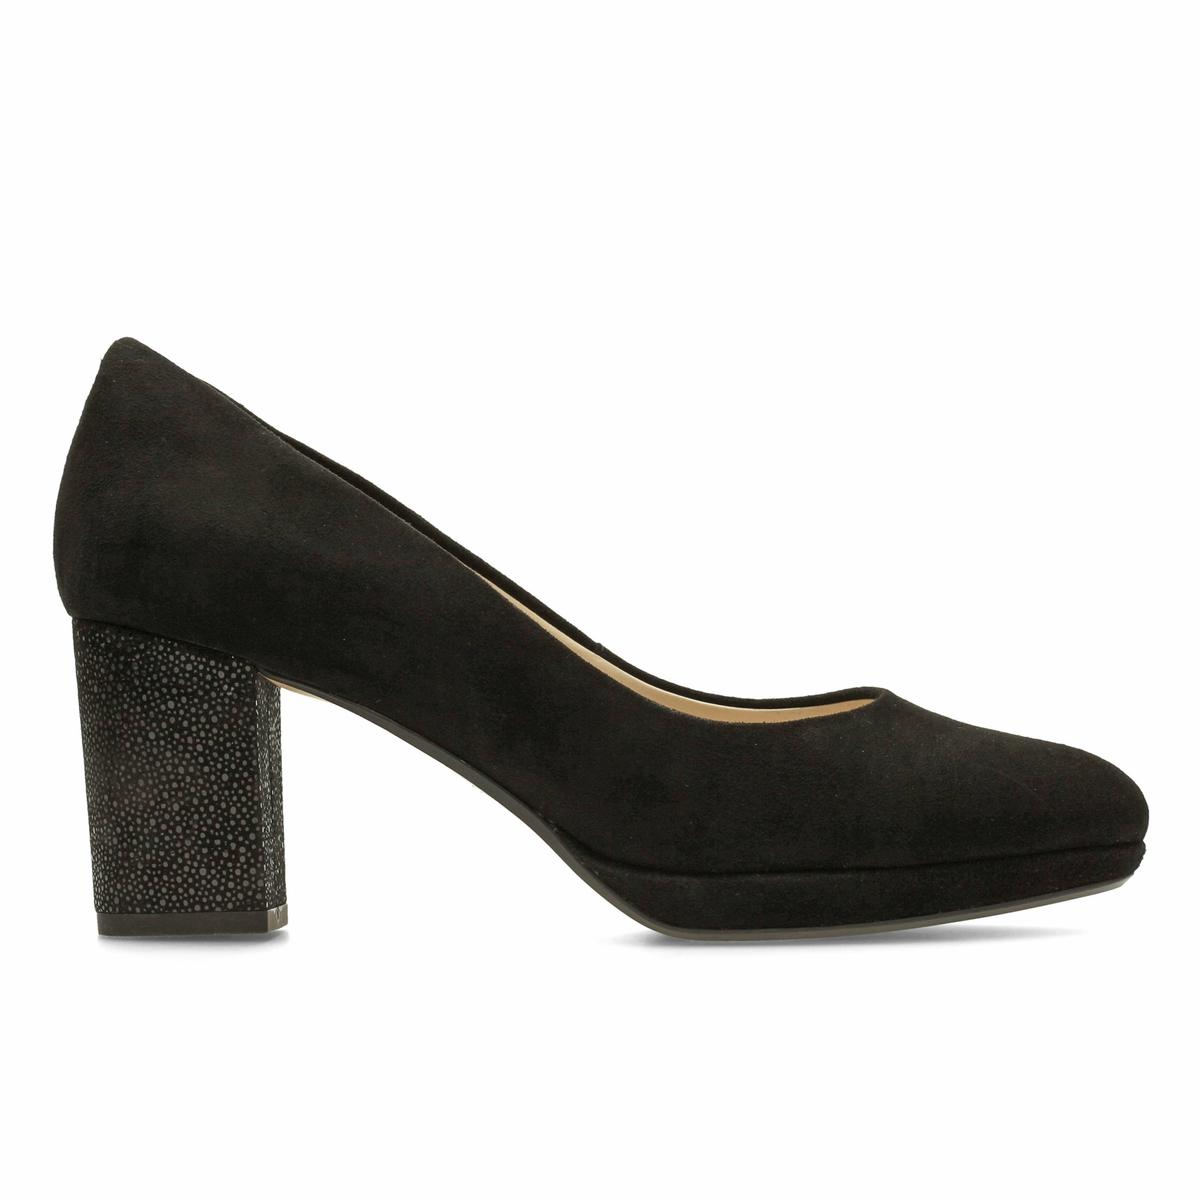 Туфли замшевые Kelda HopeВерх : замшаПодкладка : синтетика   Стелька : Кожа.   Подошва : Каучук   Высота каблука : 7 см   Форма каблука : квадратный.   Мысок : закругленный   Застежка : Без застежки<br><br>Цвет: розовый,черный<br>Размер: 37